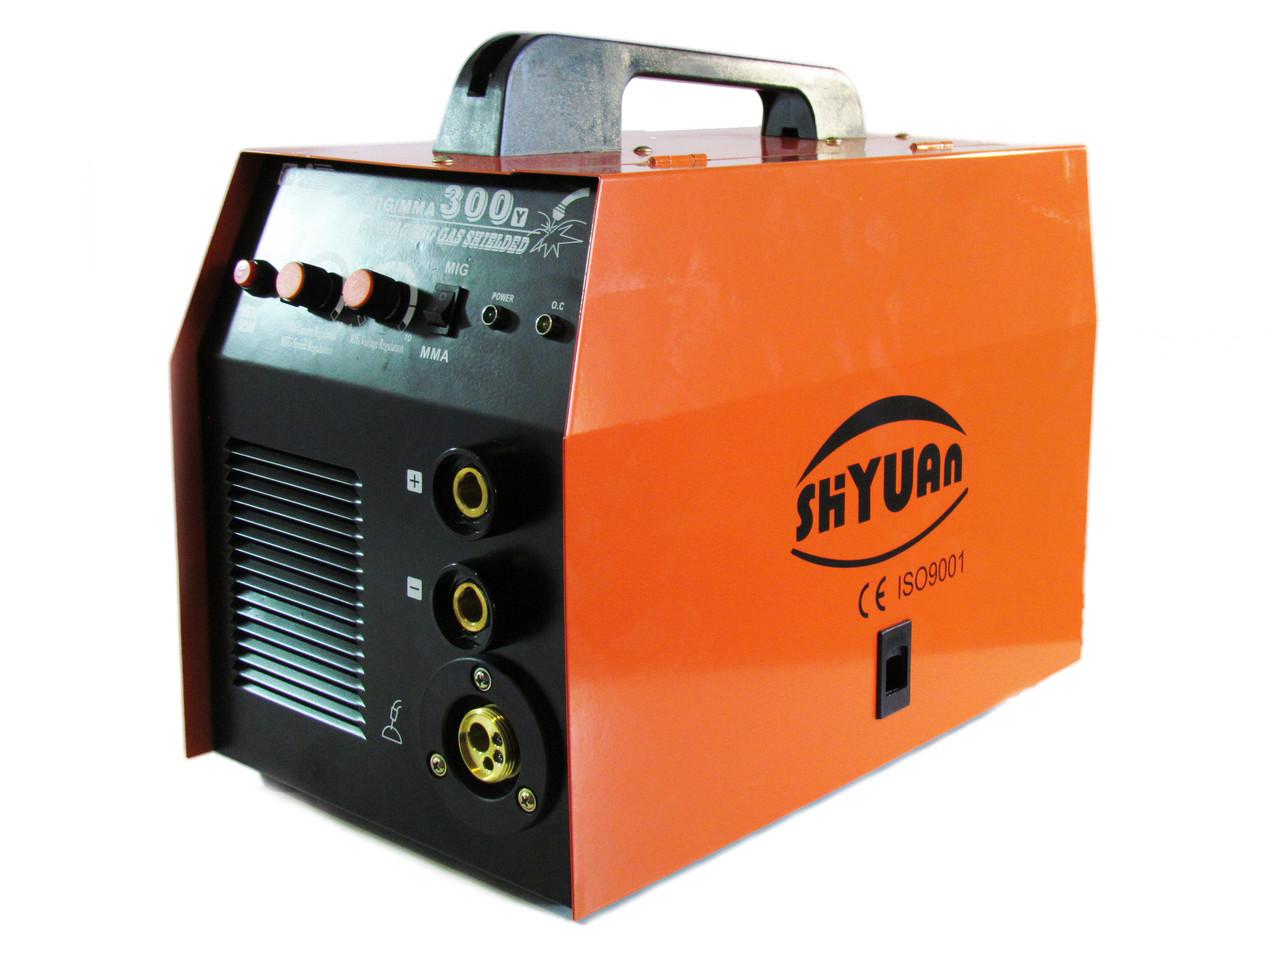 Полуавтоматы инверторные сварочные углекислотные цена грн игра казино ультра хот и игру злазанг хот скачать